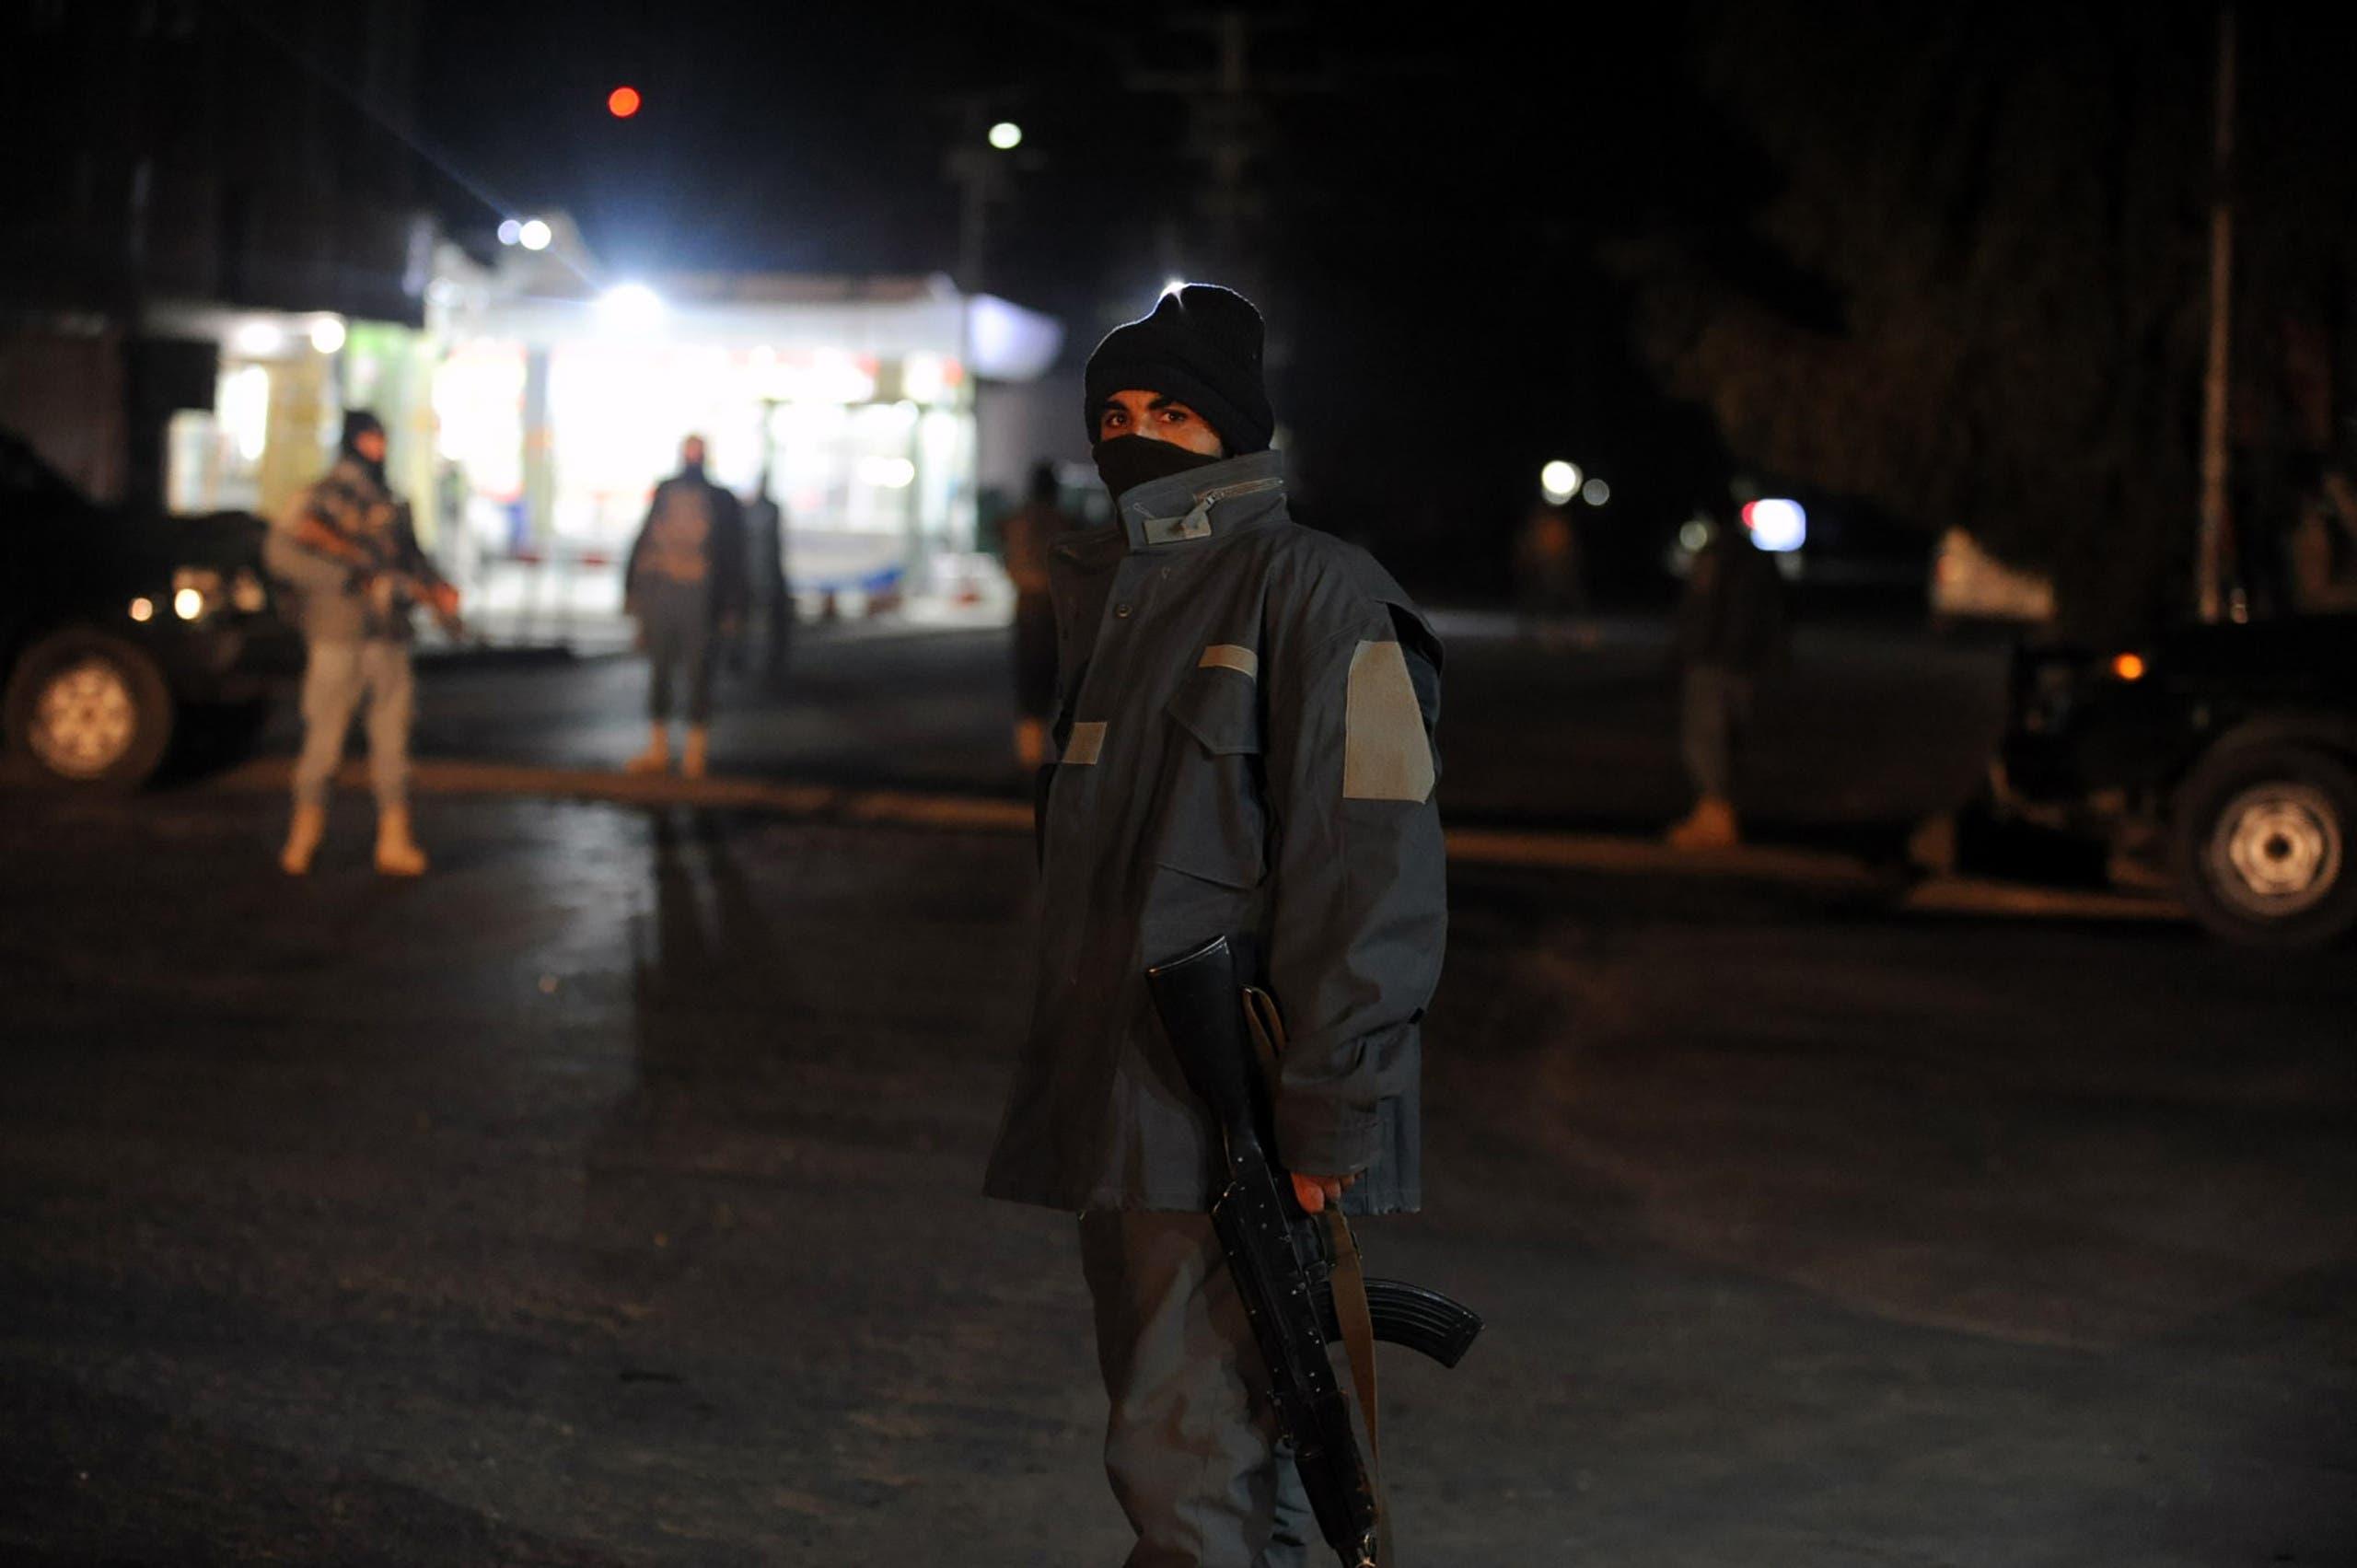 الشرطة الأفغانية في مكان الحادث